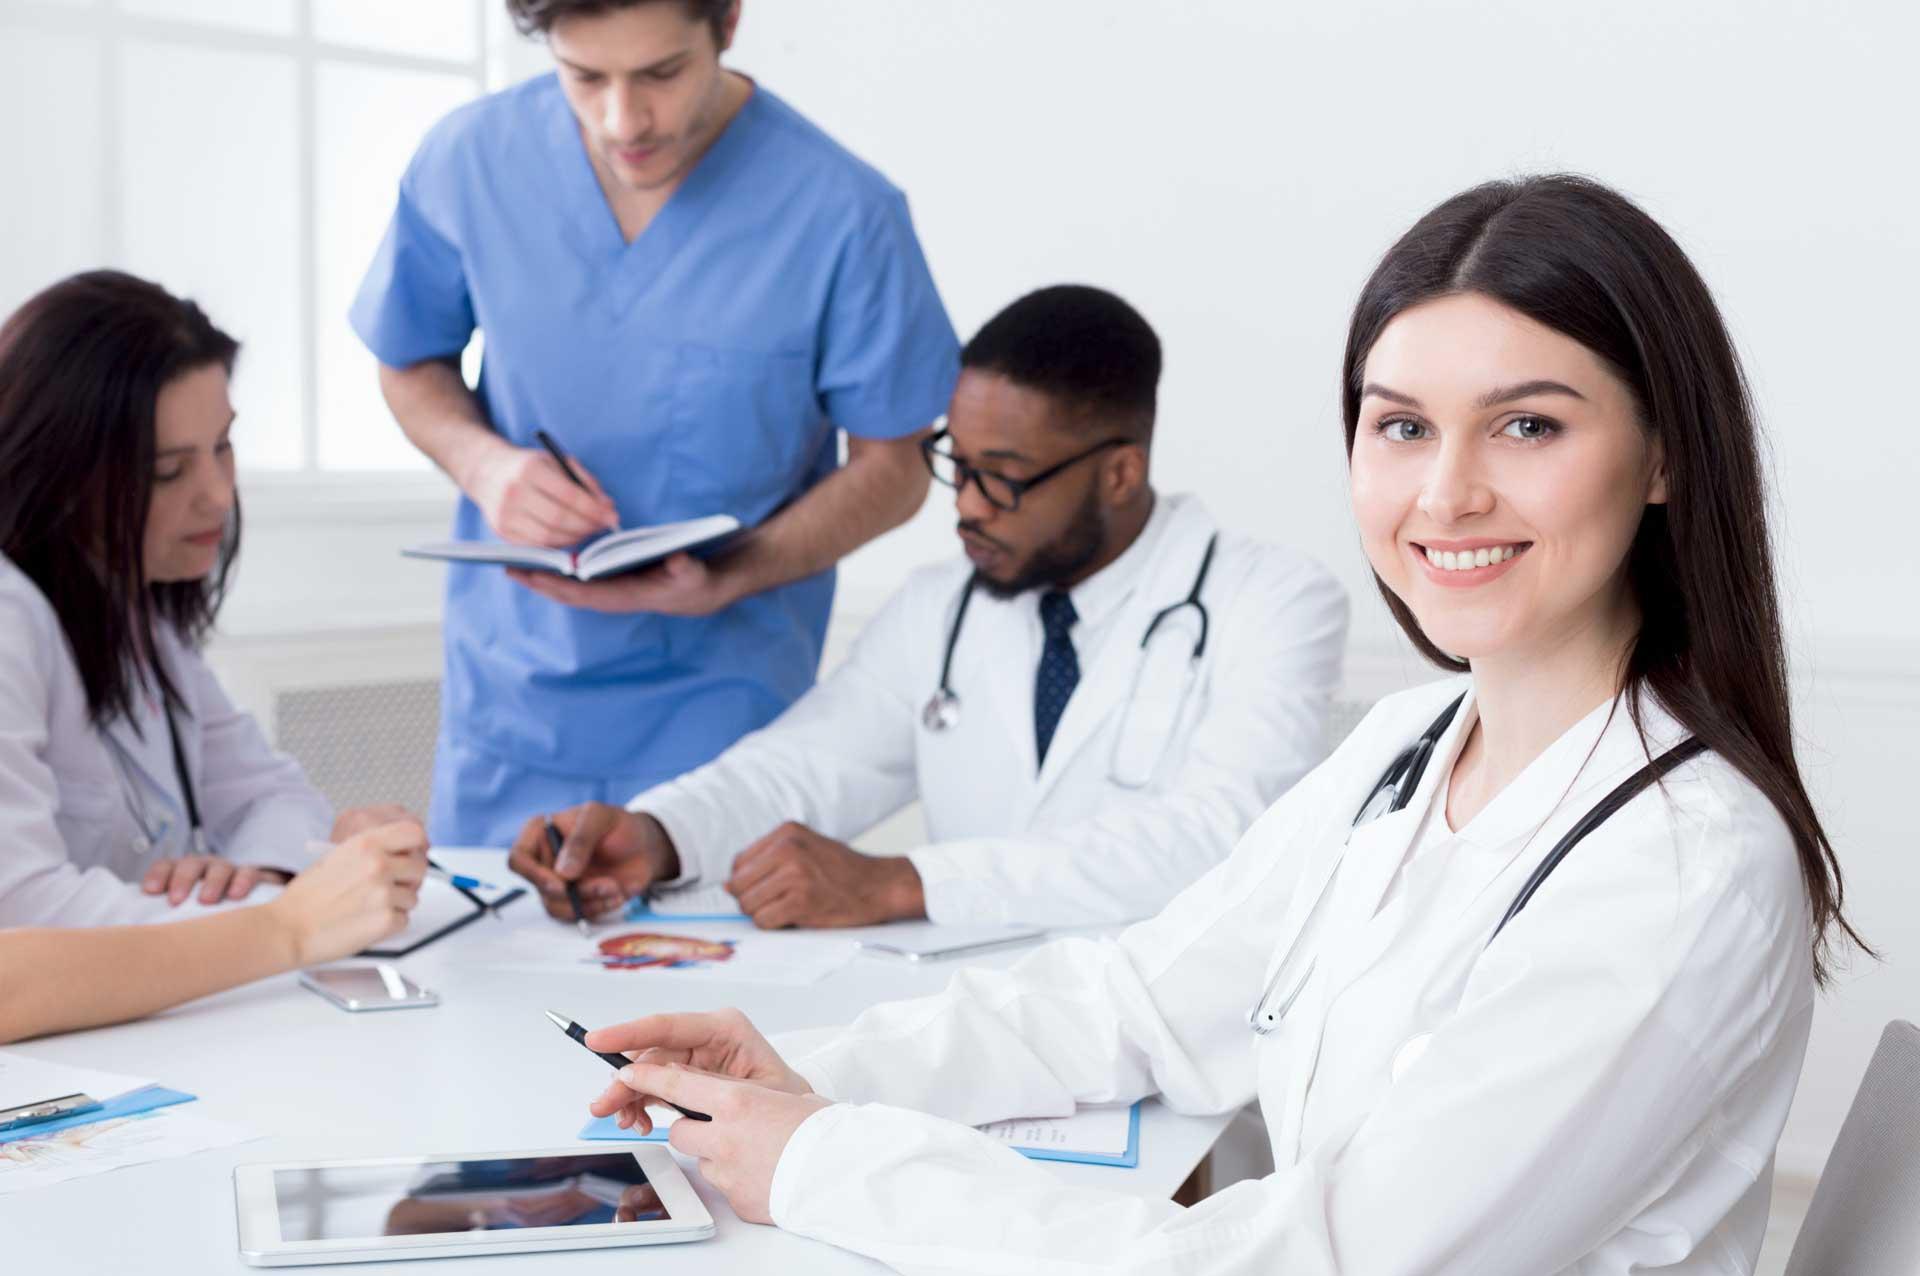 Sesión clínica sobre indicaciones y protocolos de oculoplastia